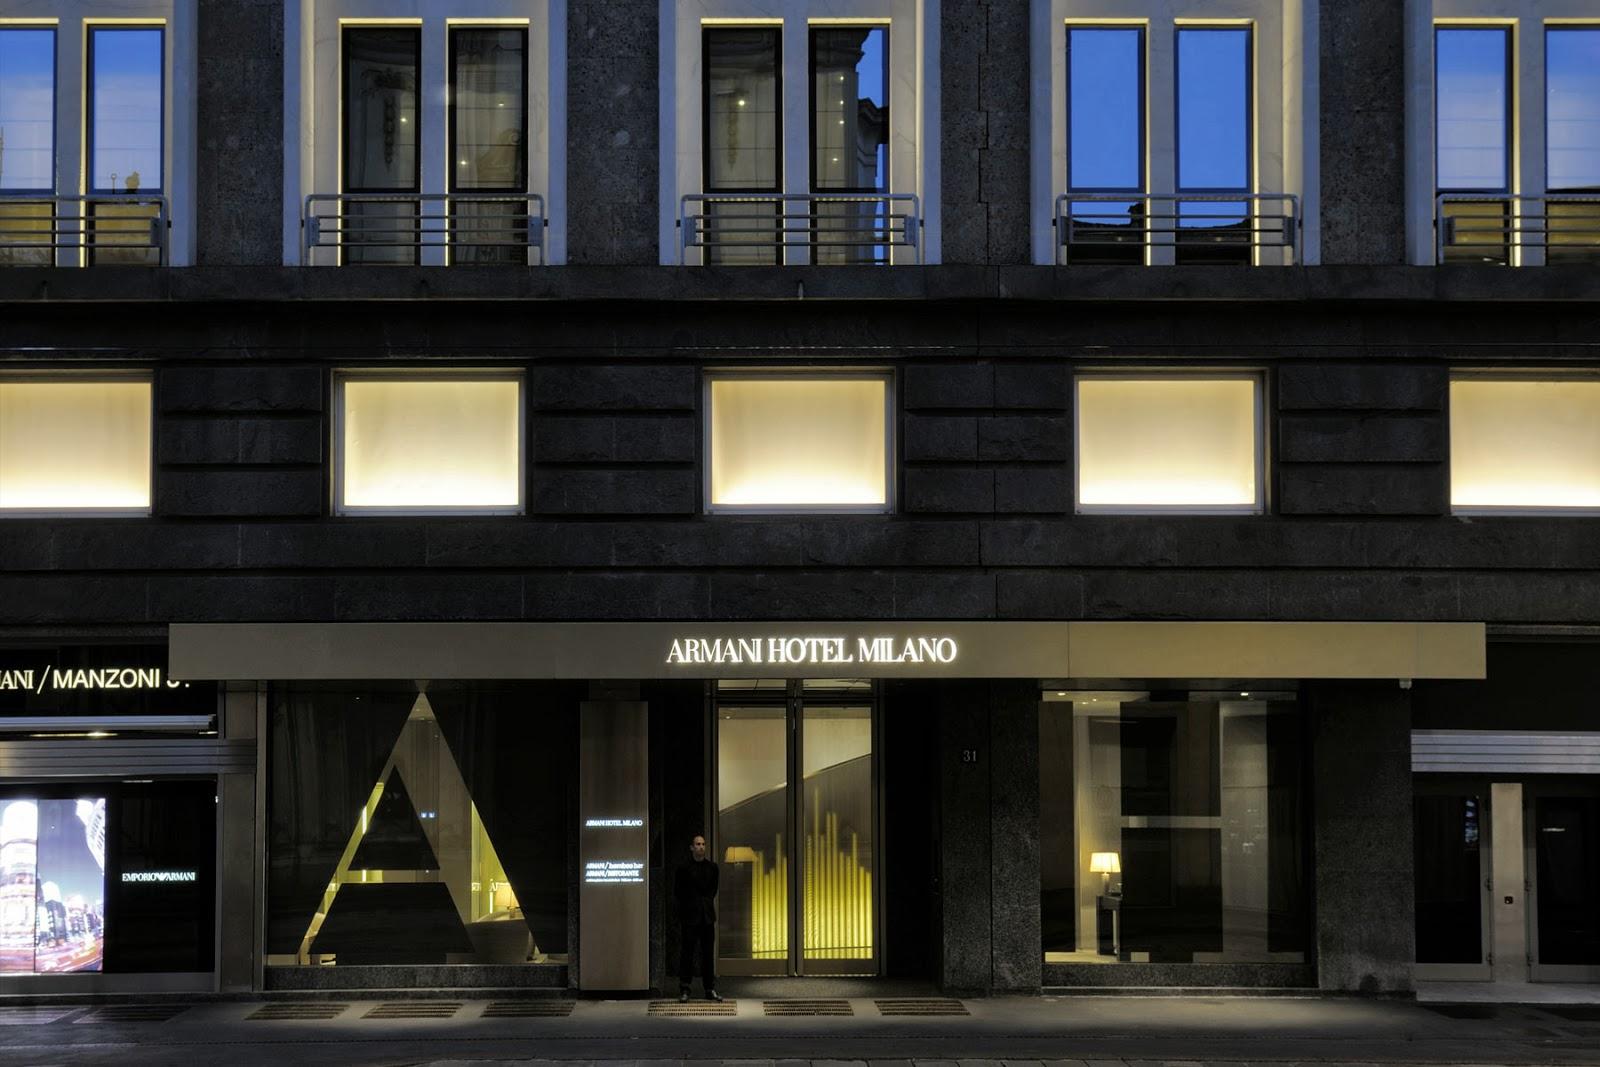 Armani hotel milano luxury 4 7 hotel for Designer milano